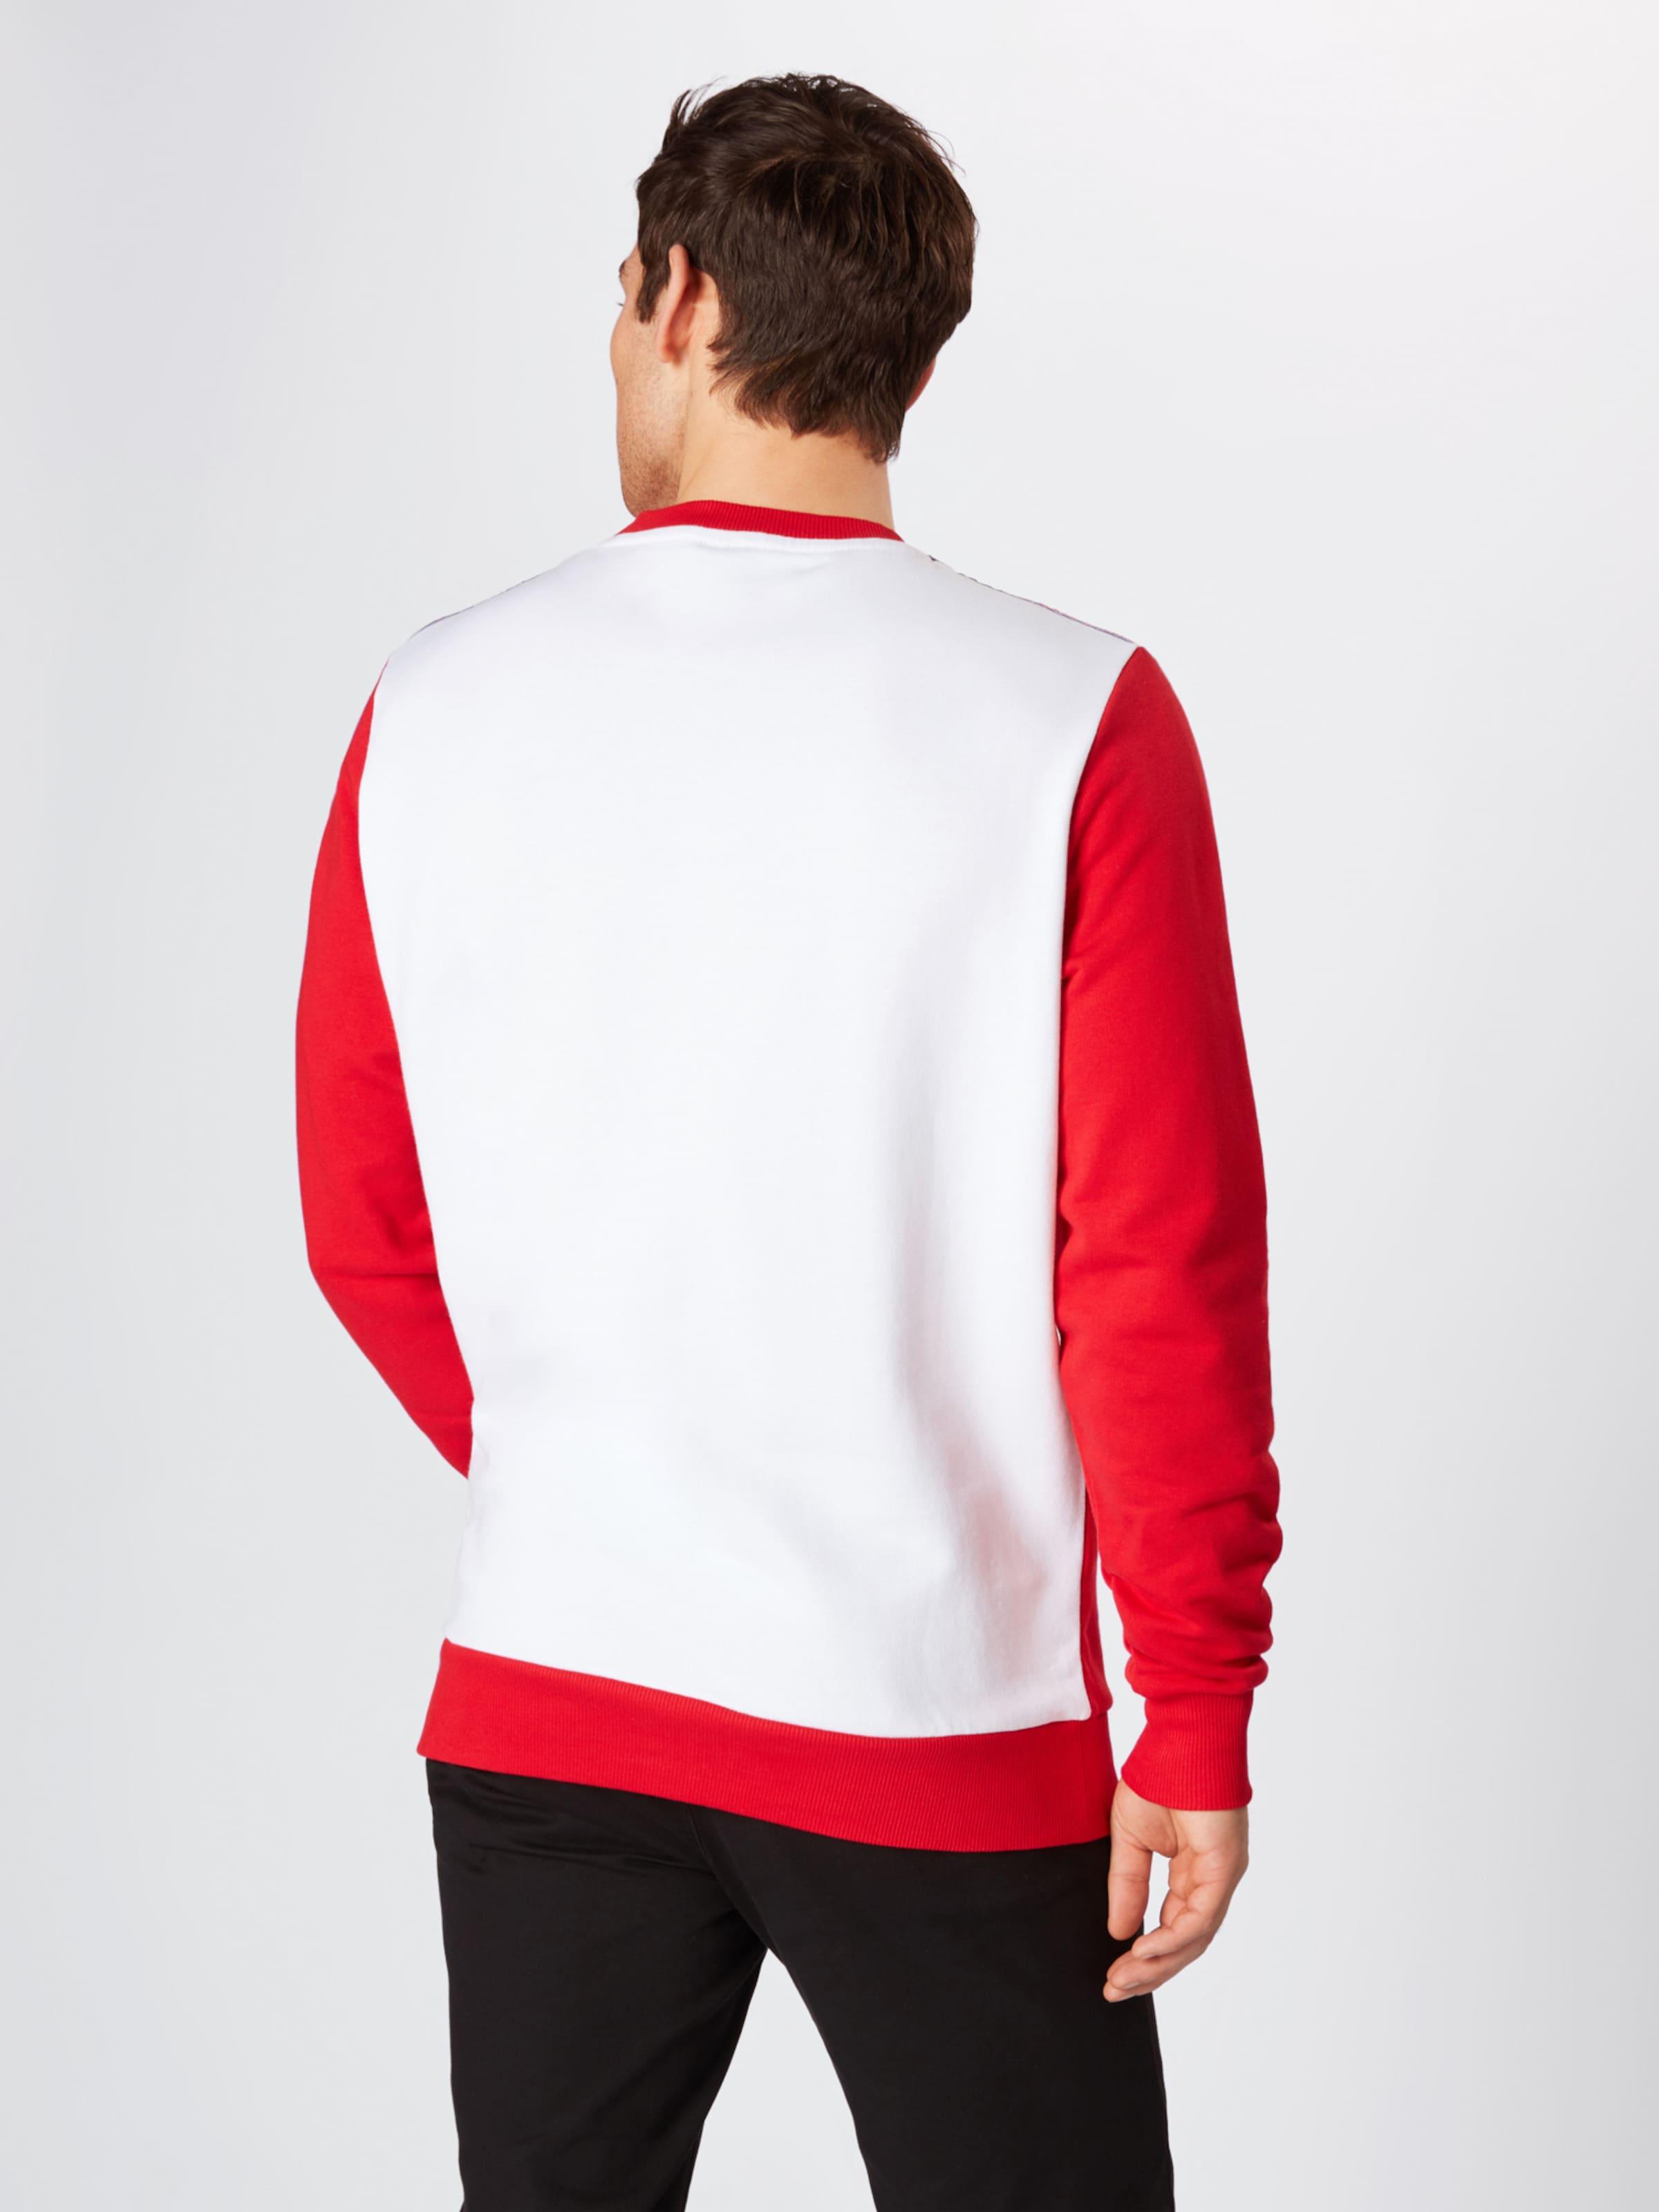 shirt Sweat FoncéBlanc En Colmar Bleu dCoBxer